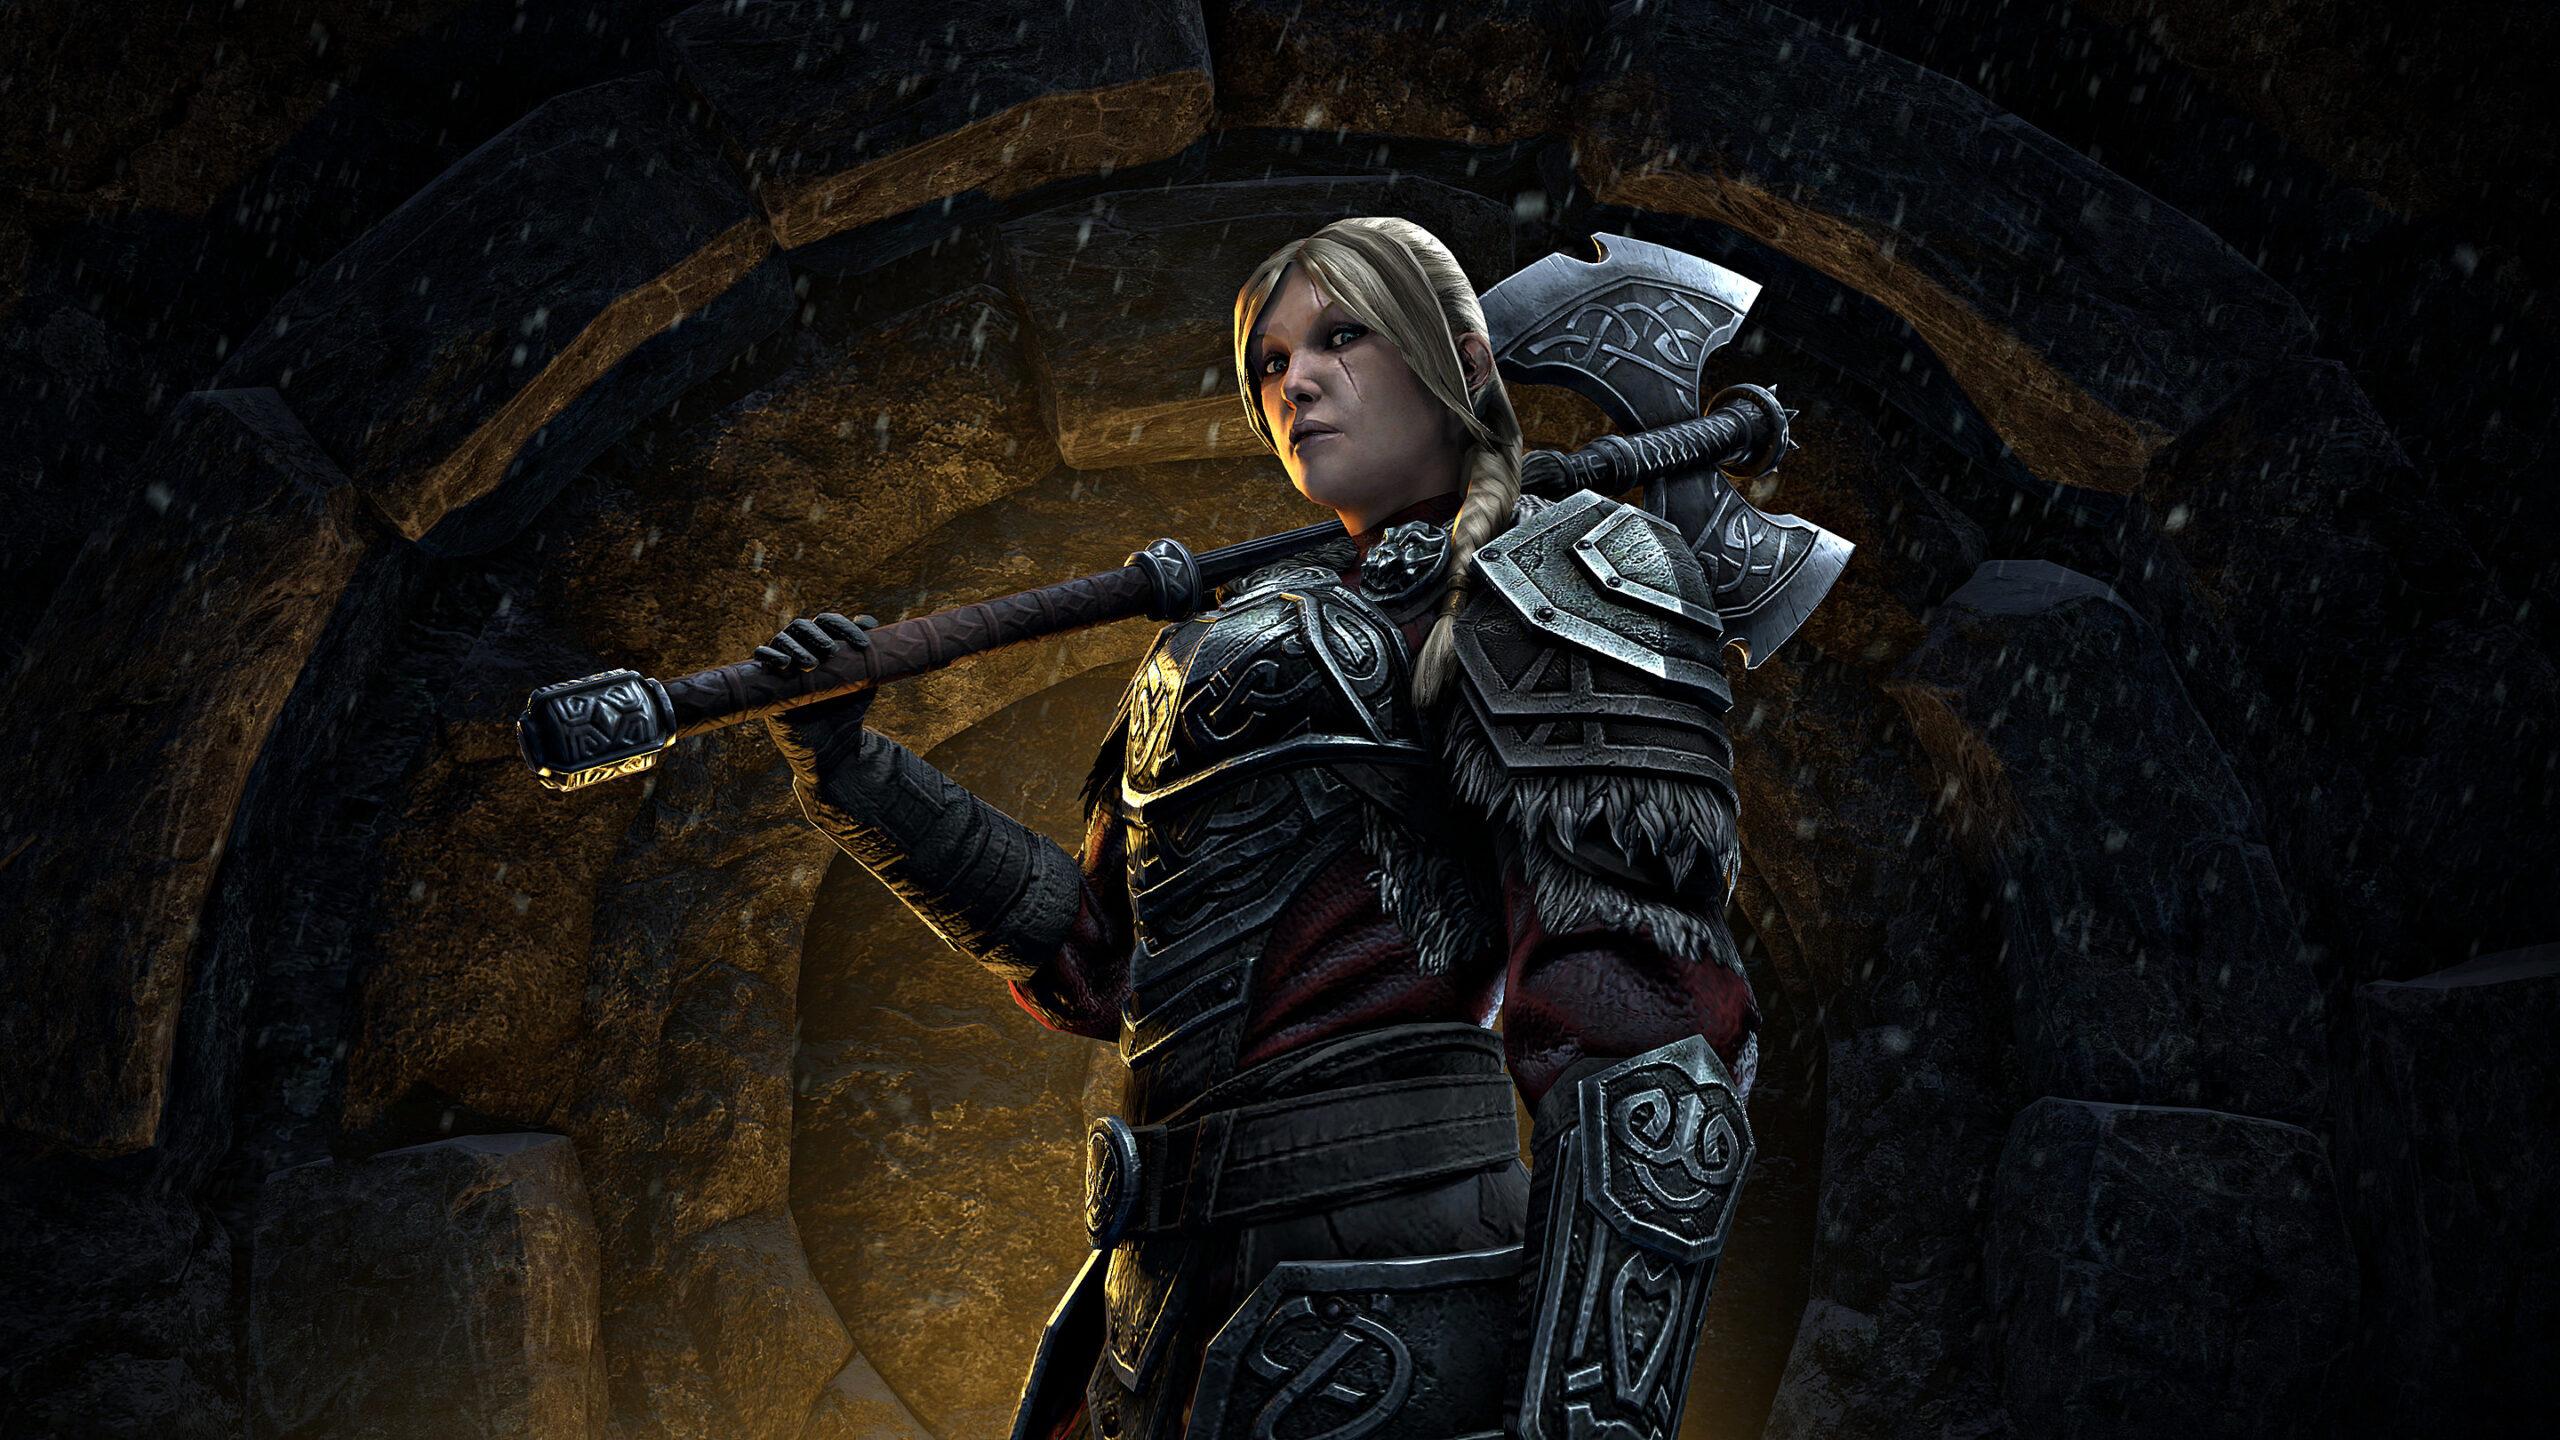 Bethesda представили новые кадры грядущего дополнения для The Elder Scrolls Online